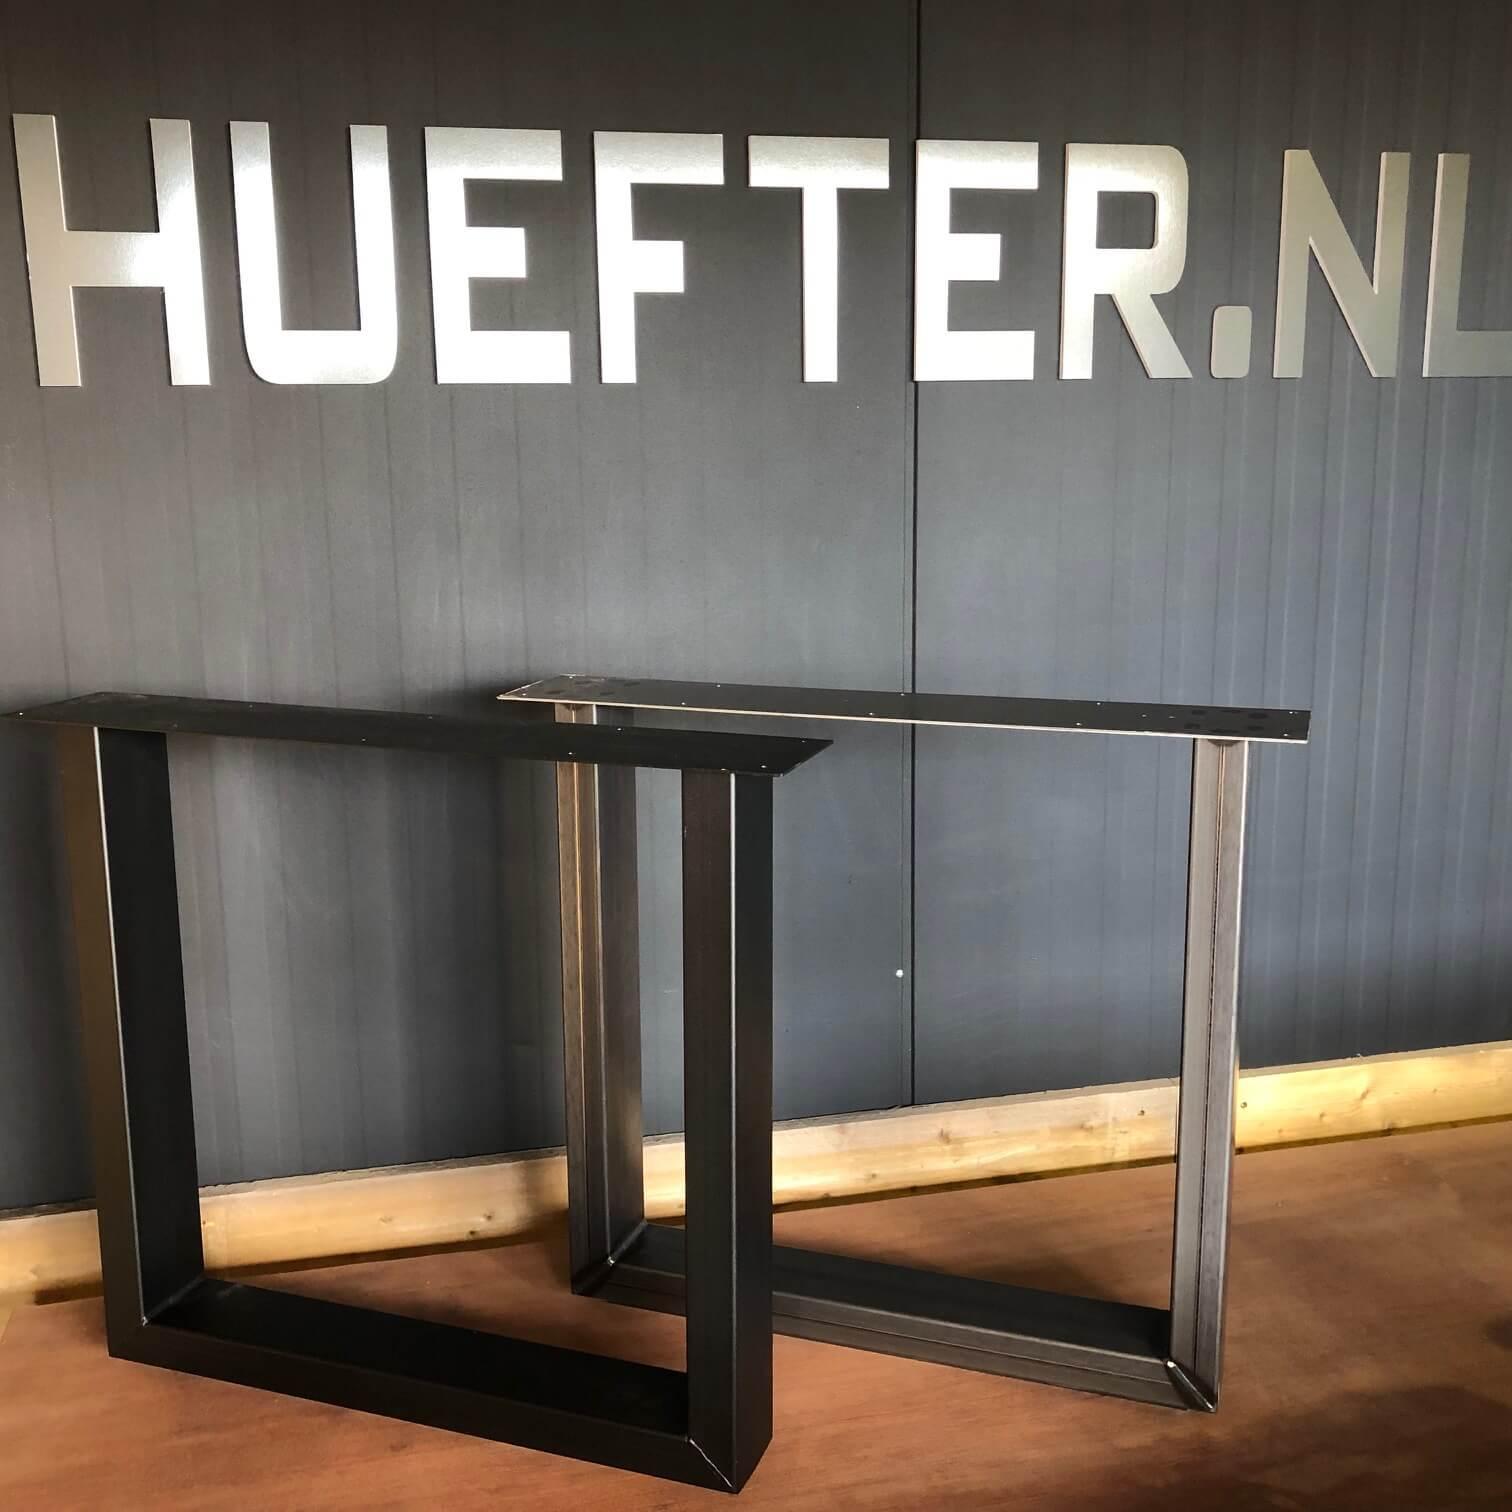 Nieuw Hardhouten boomstamtafels kopen?   Hardhout Discount.nl   PV-57